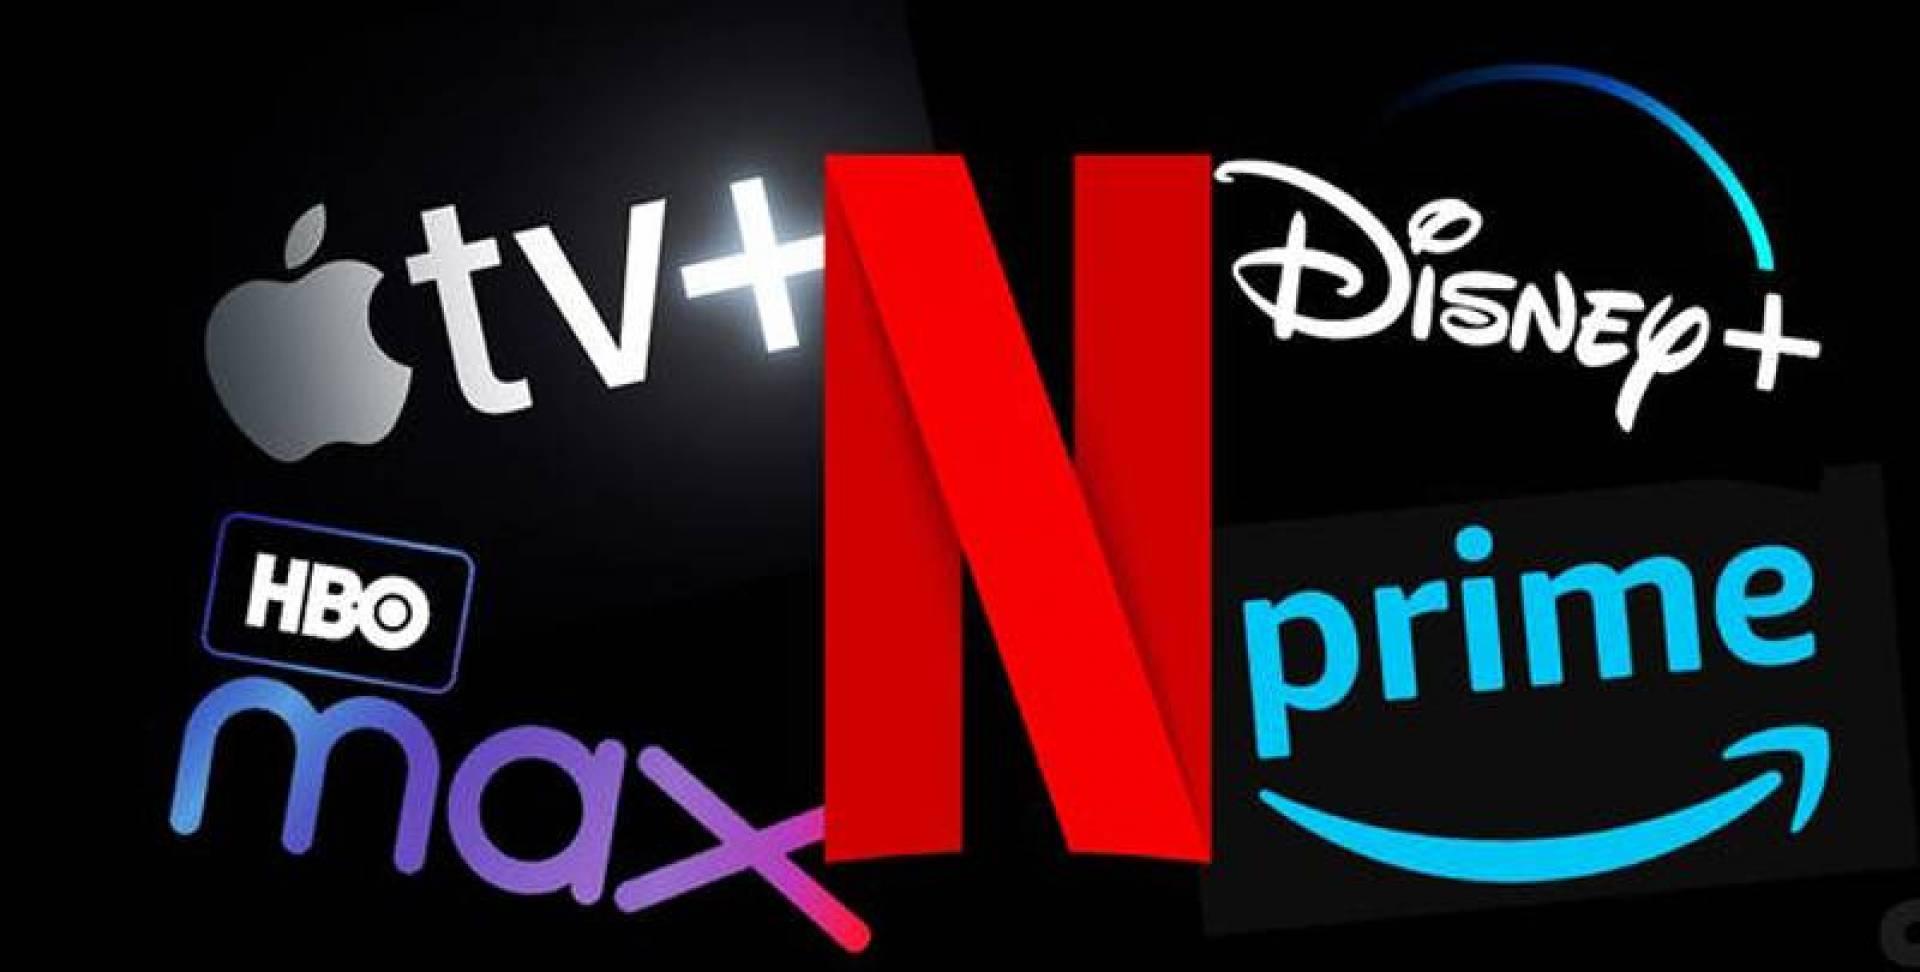 «حزمة البث» الجديدة من ديزني.. ستشكل صداعاً لـ «HBO Max» و«نتفليكس»